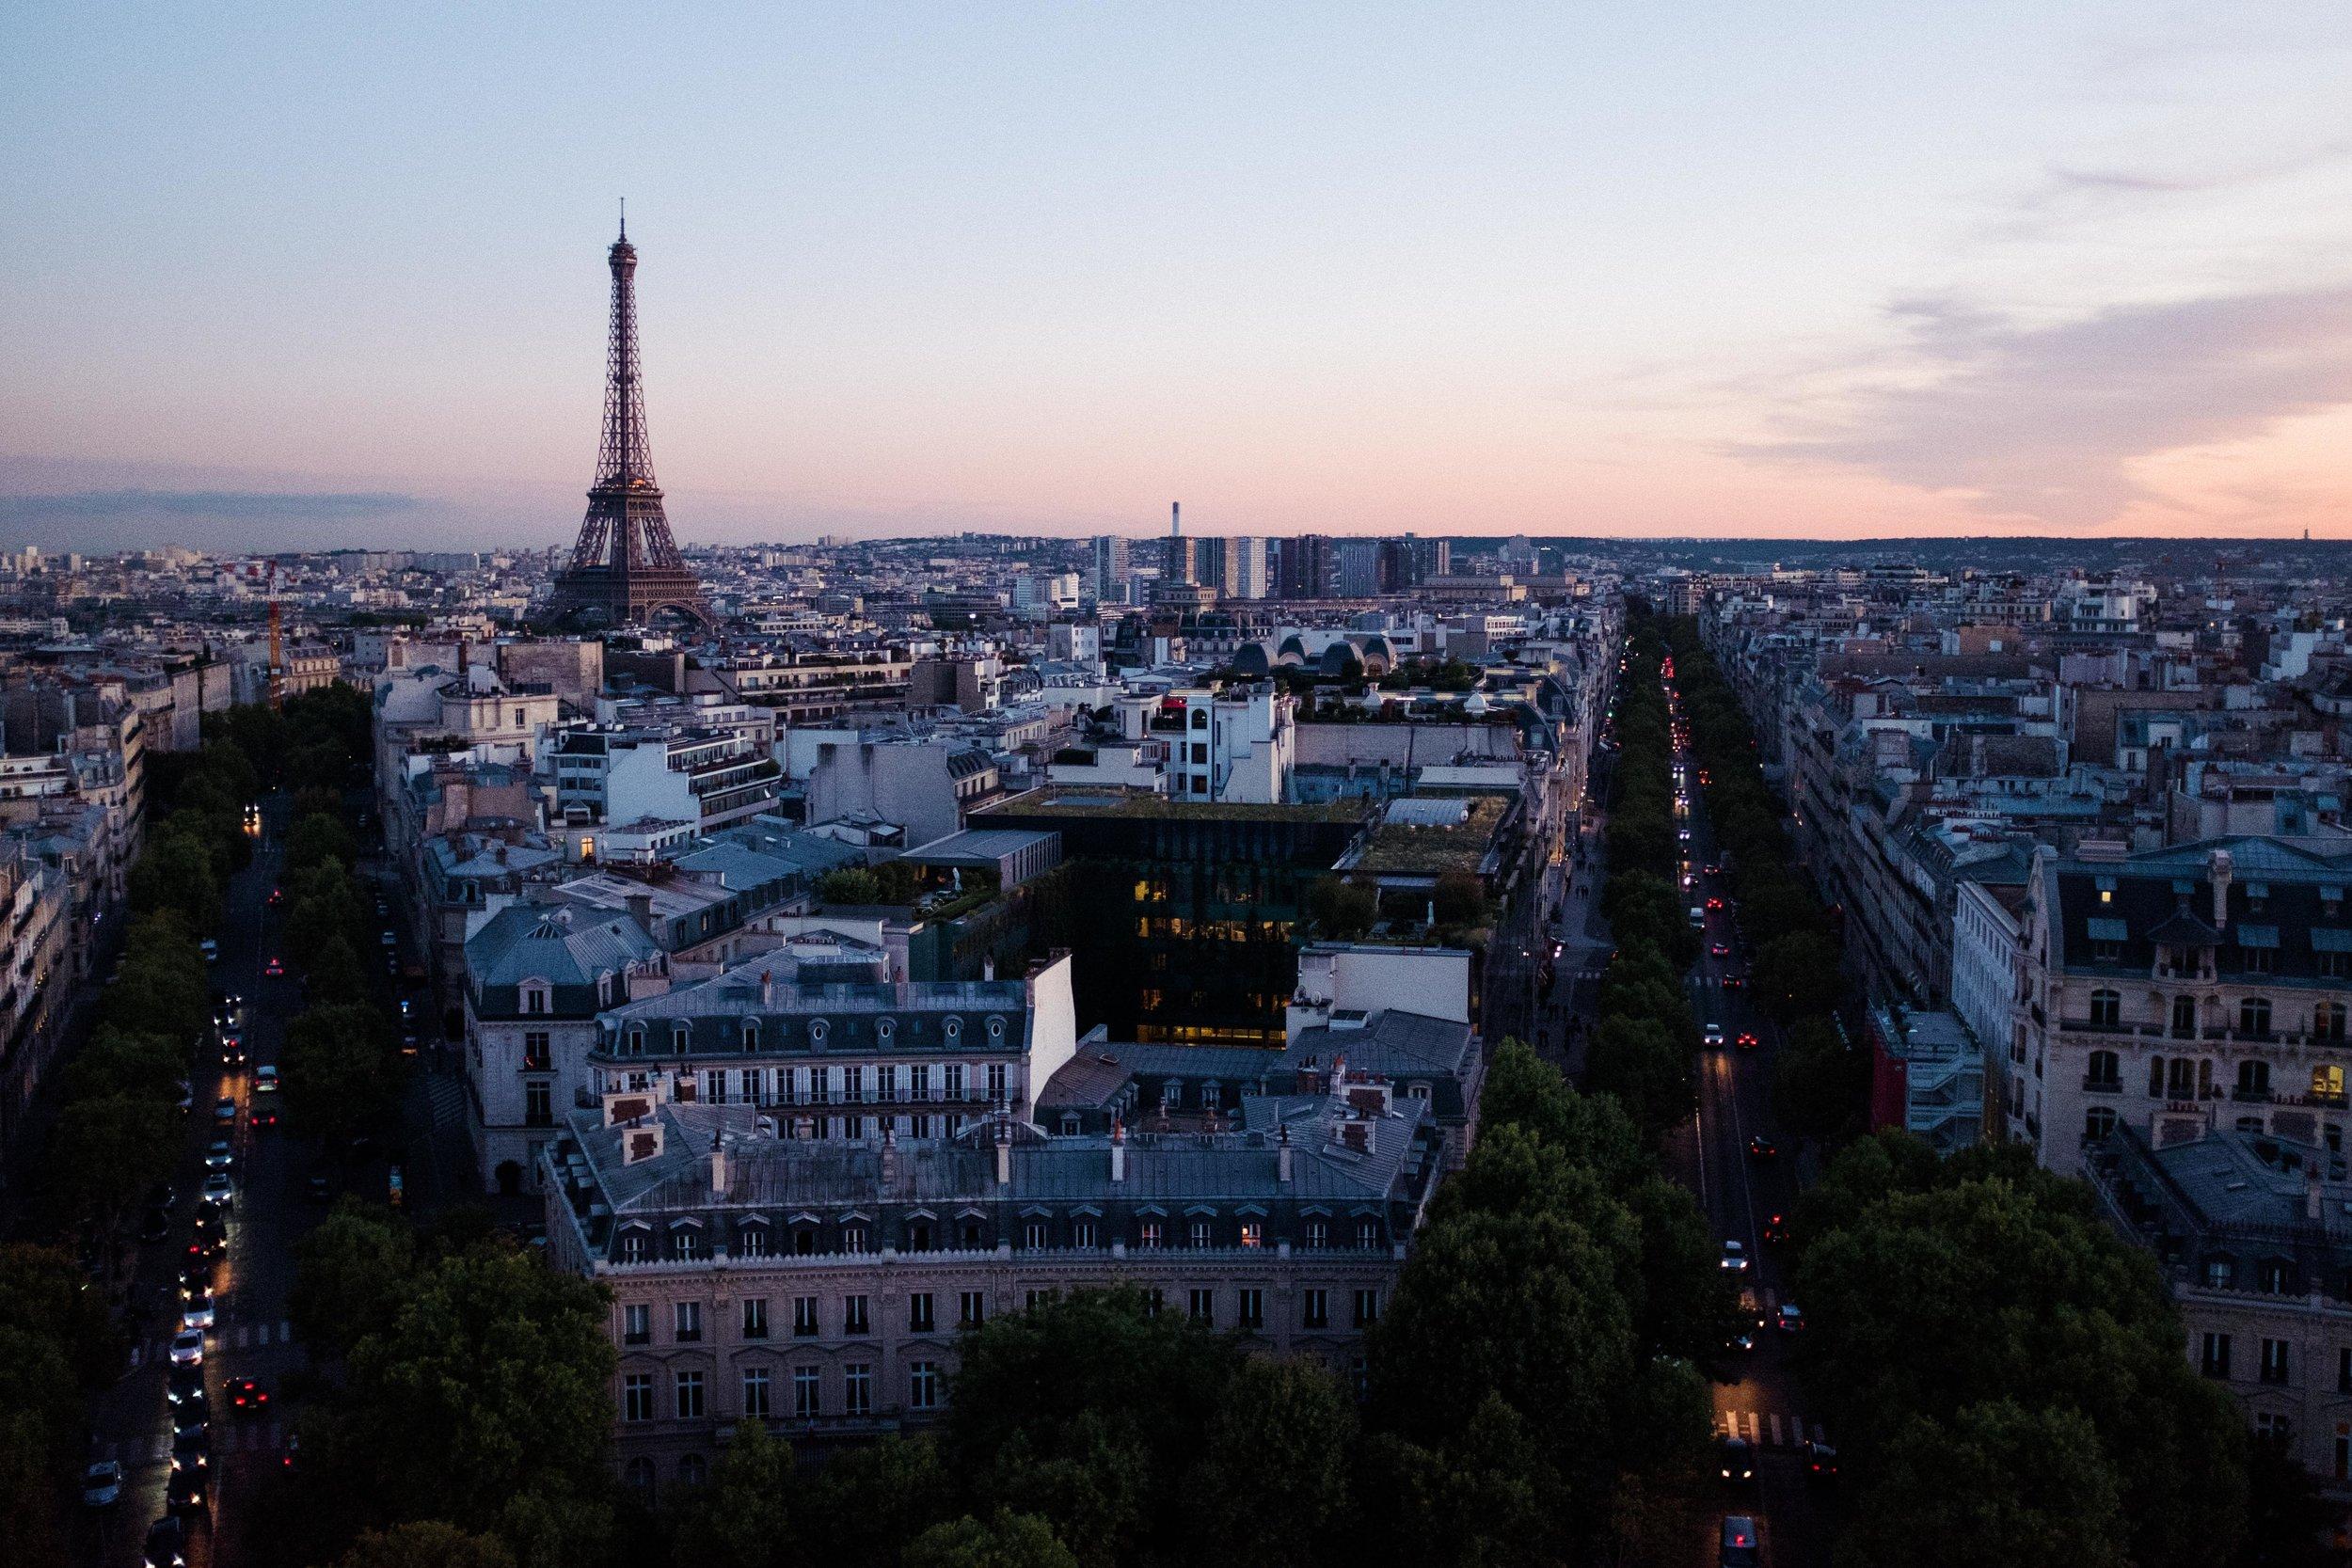 paris-france-eiffel-tower-view-from-arc-de-triomphe